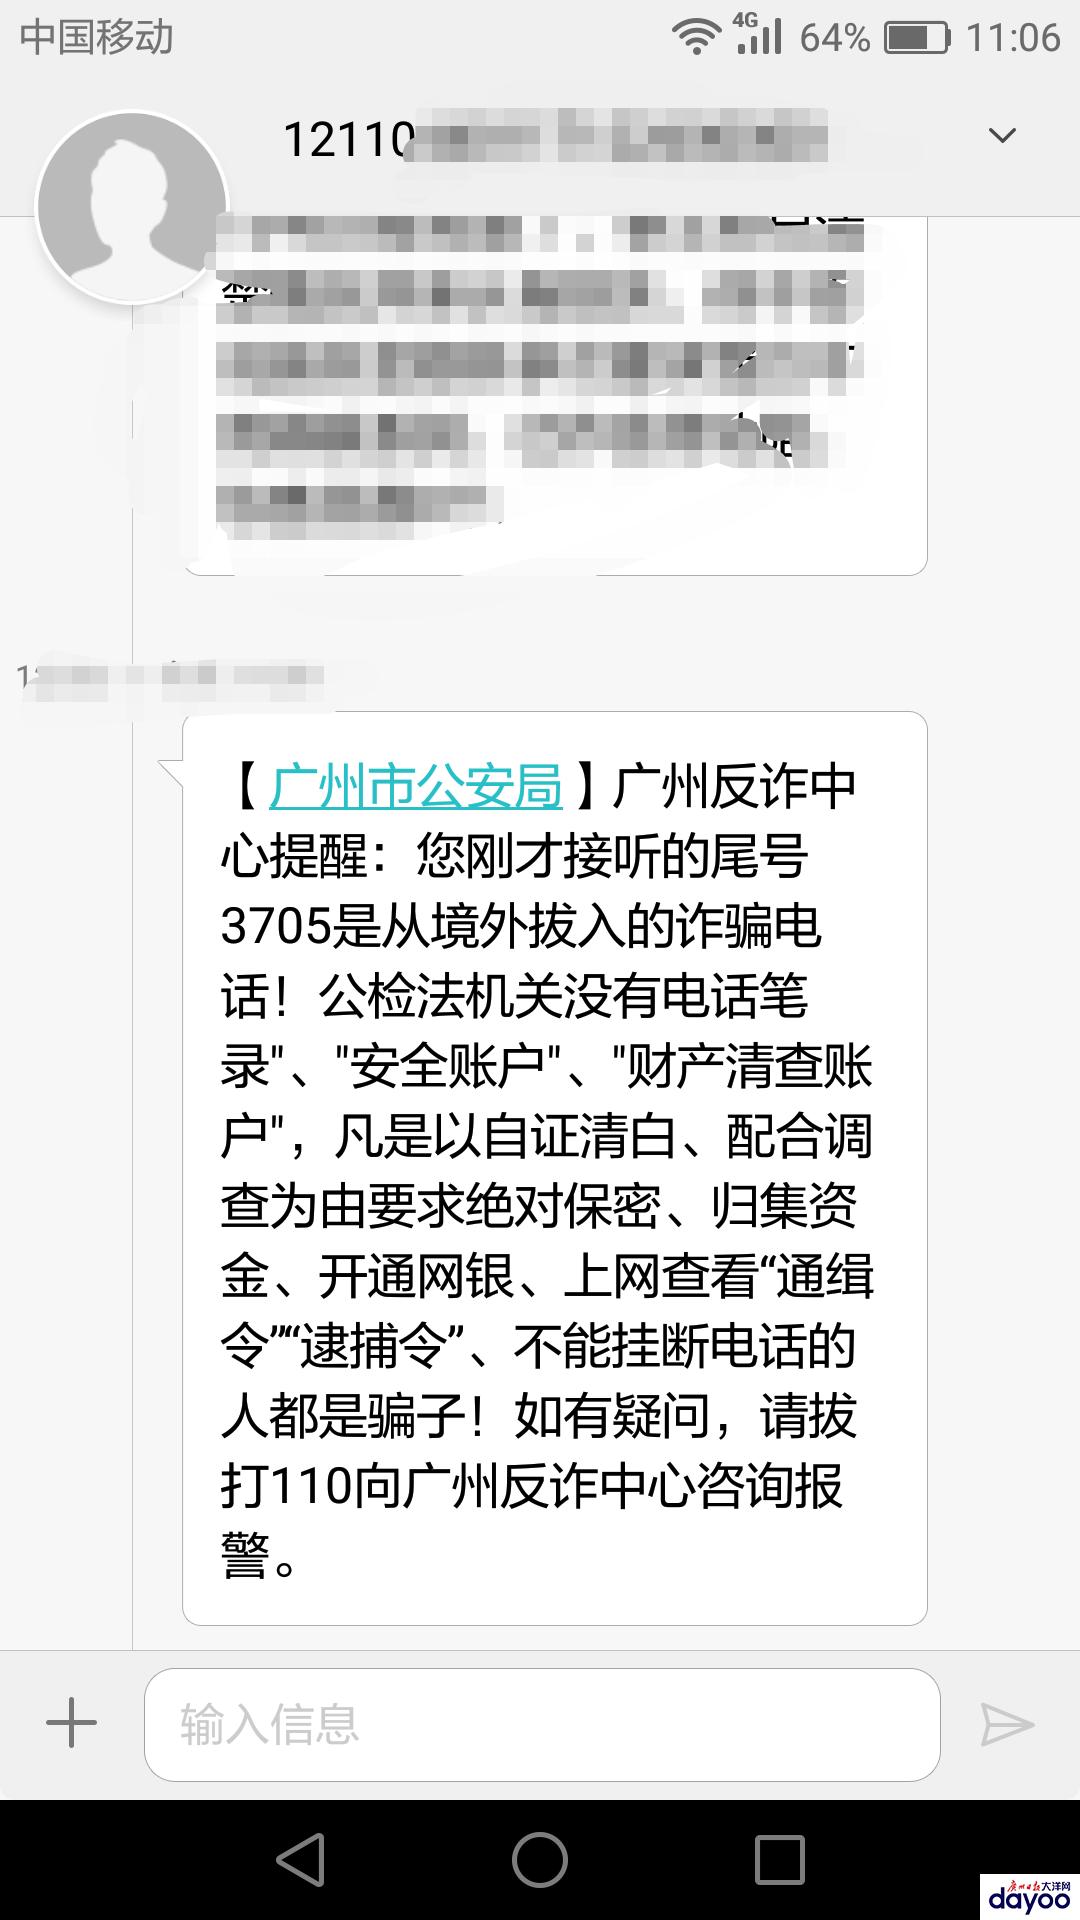 香港基本法诸如在今年双十一当天